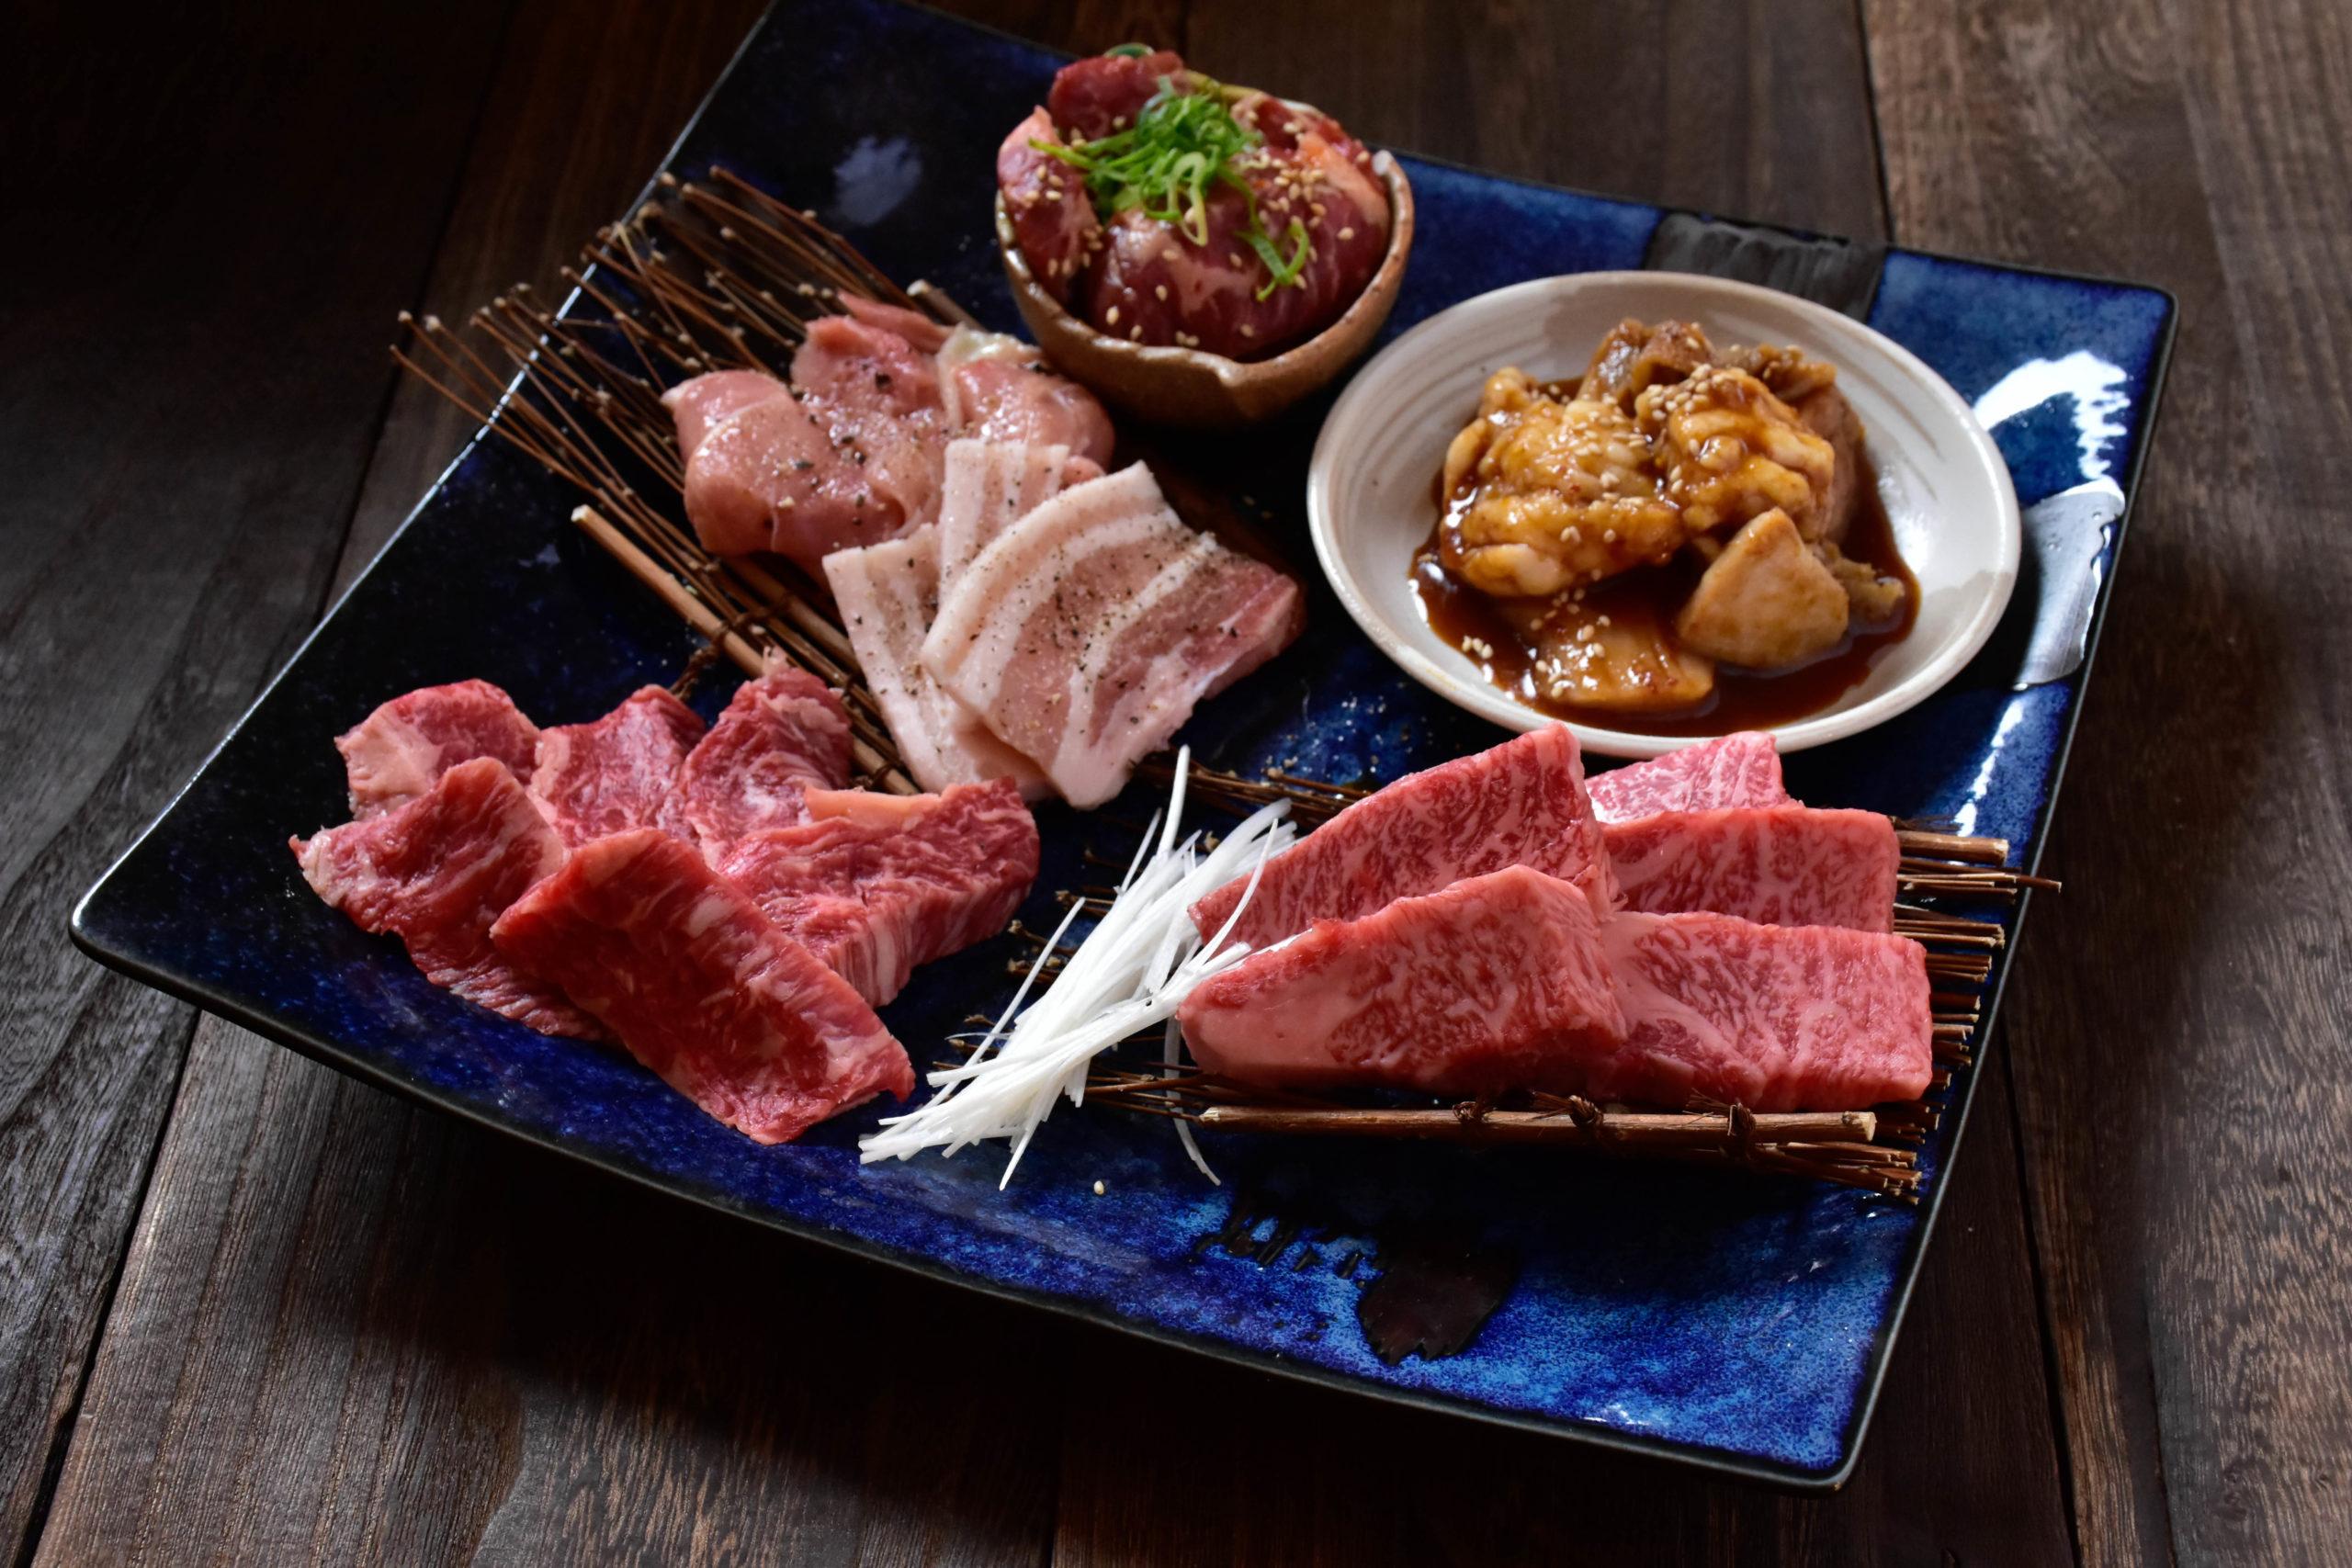 【「さきめし/ごちめし」人気店を紹介!】広島「山口放牧牛 焼肉つなぐファーム 隅の浜店」